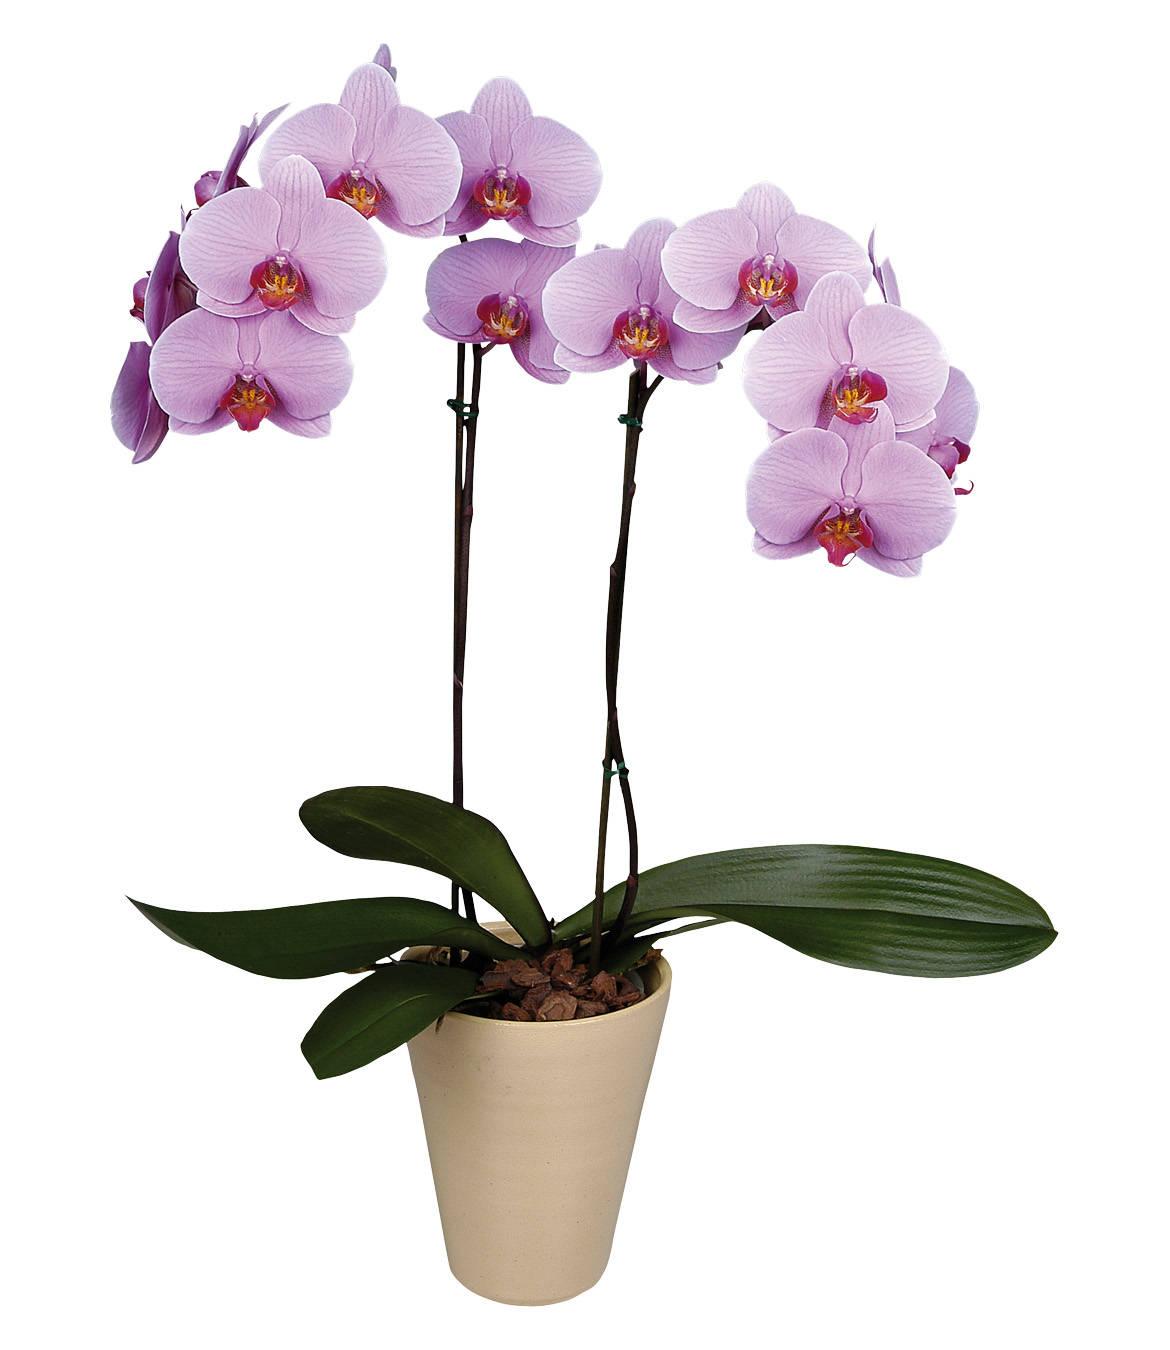 Orchidee Meravigliose Trucchi E Segreti phalaenopsis che fiore. orchidea phalaenopsis - segreti